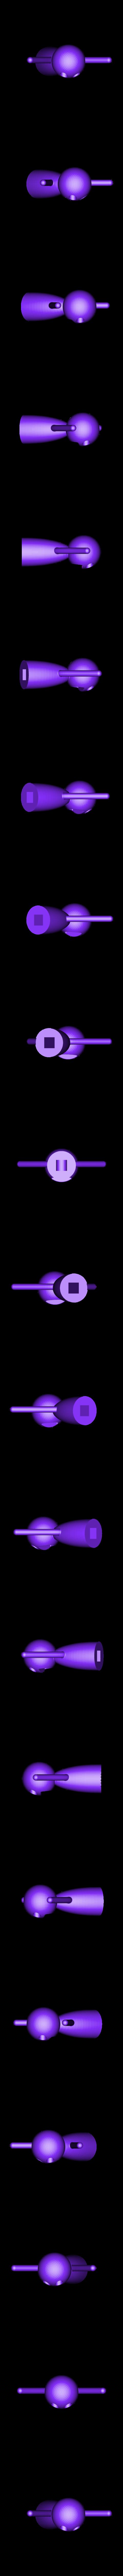 Function_Stickman_yIxI_top.stl Télécharger fichier STL gratuit Dancing Function Stickmen • Plan pour impression 3D, Chrisibub